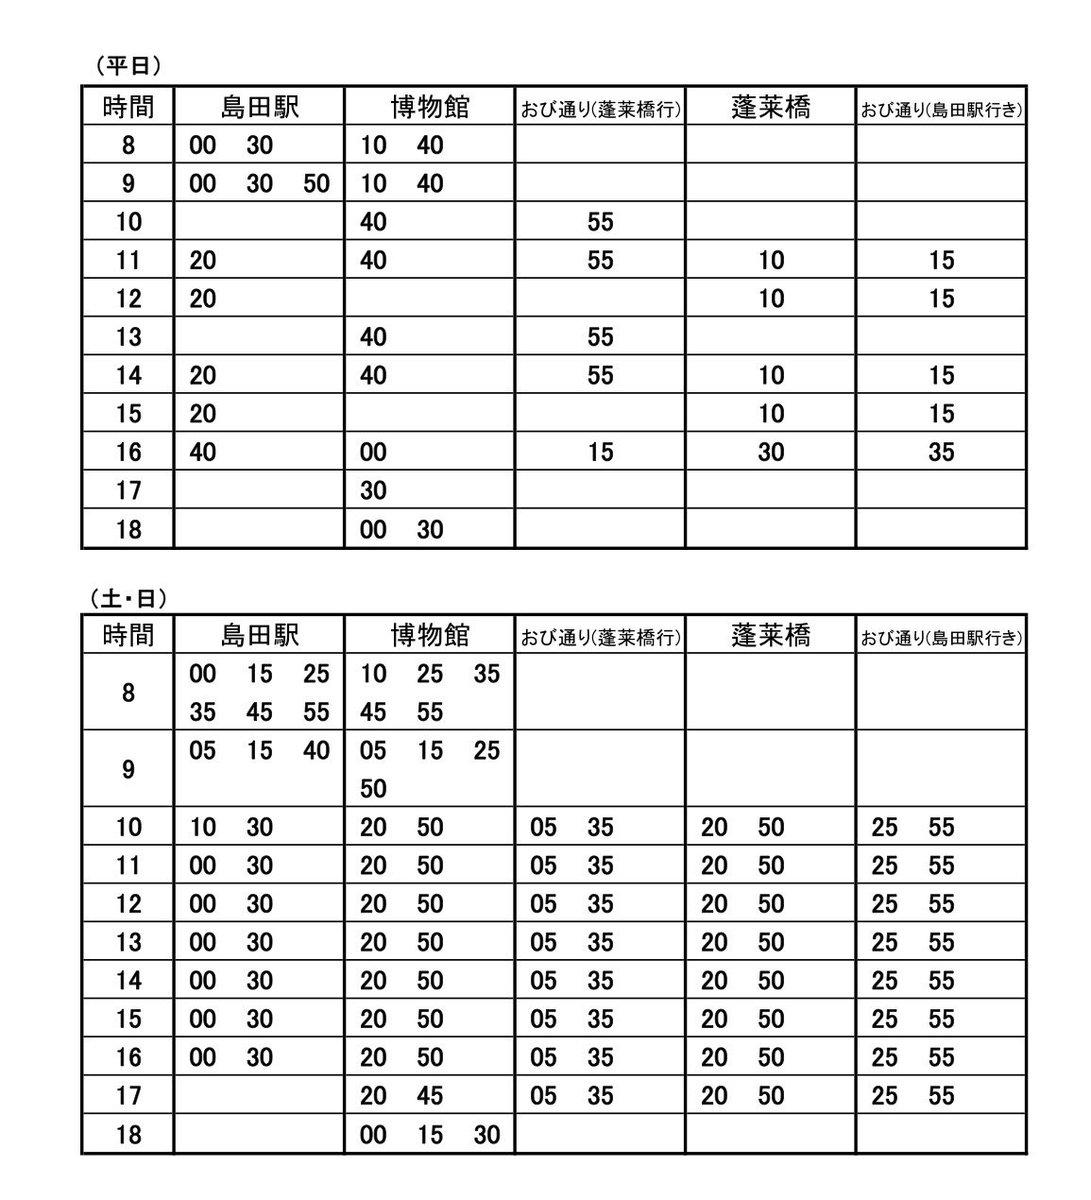 お知らせ天下三名槍集結の期間中2/25-3/5はJR島田駅〜博物館までシャトルバスが出ます。乗り場は、駅北交差点を渡った